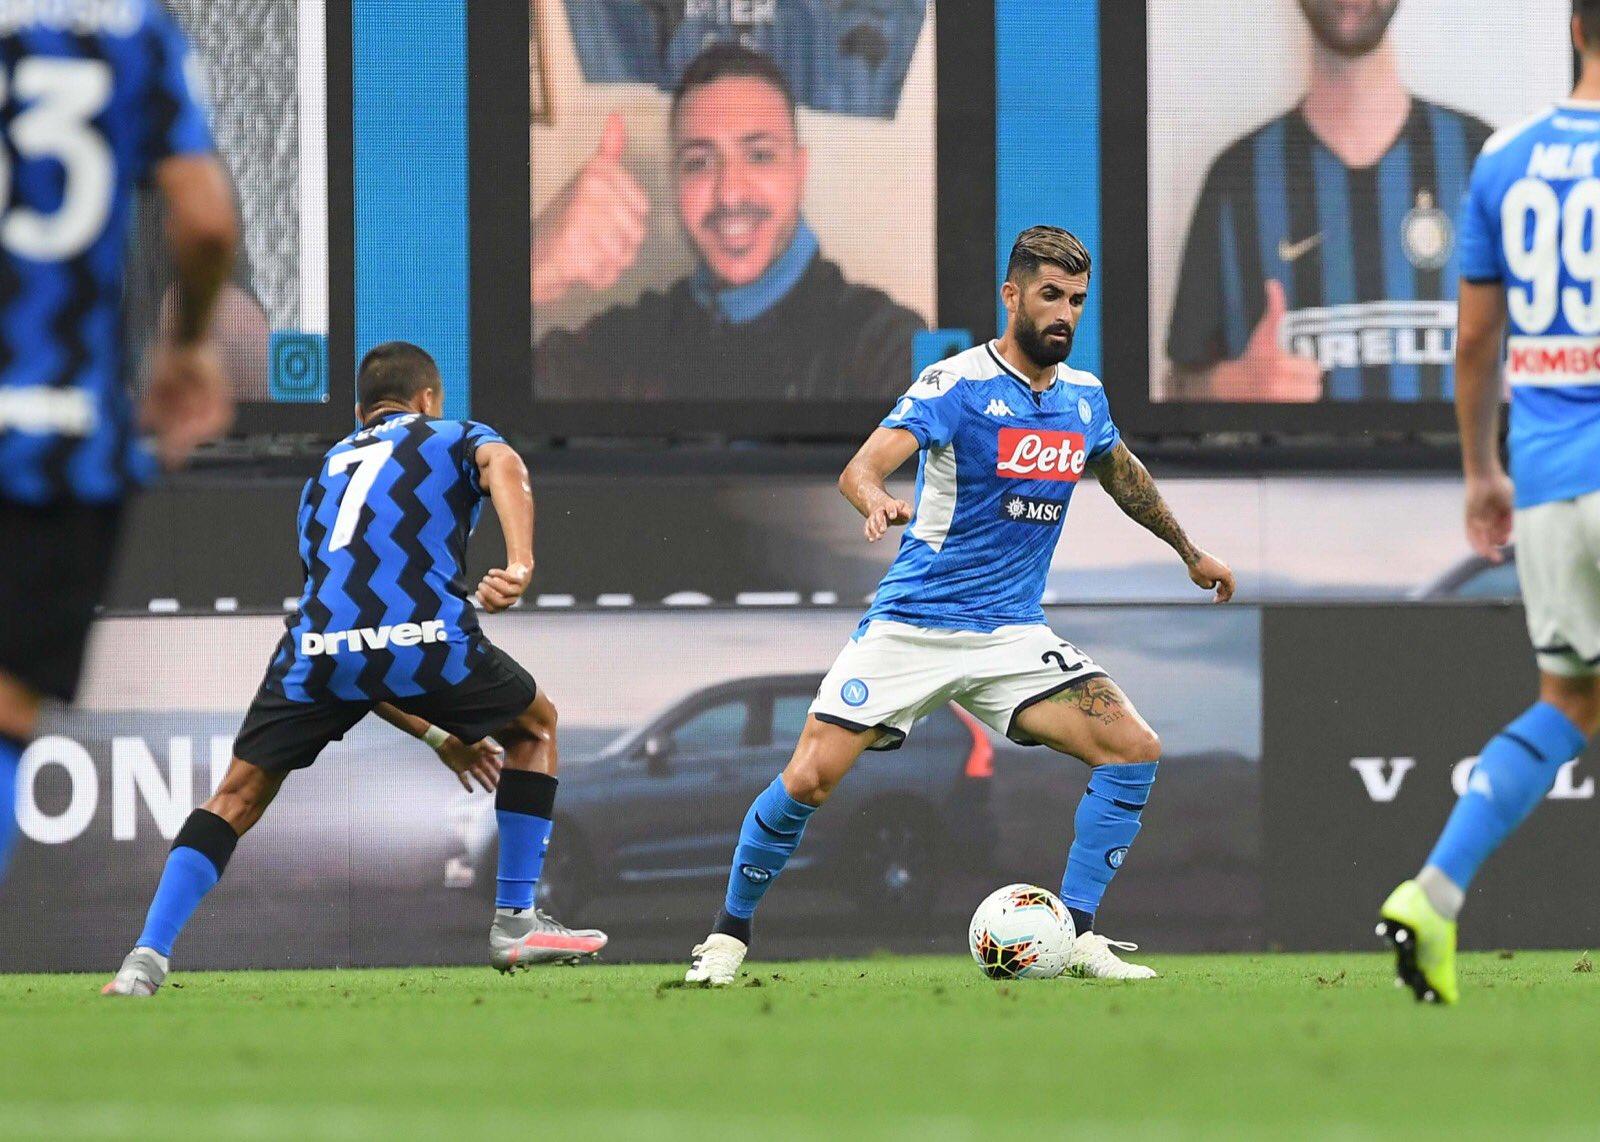 VIDEO/ Interi gjen Lautaron, zikaltërit thyejnë Napolin në Milano